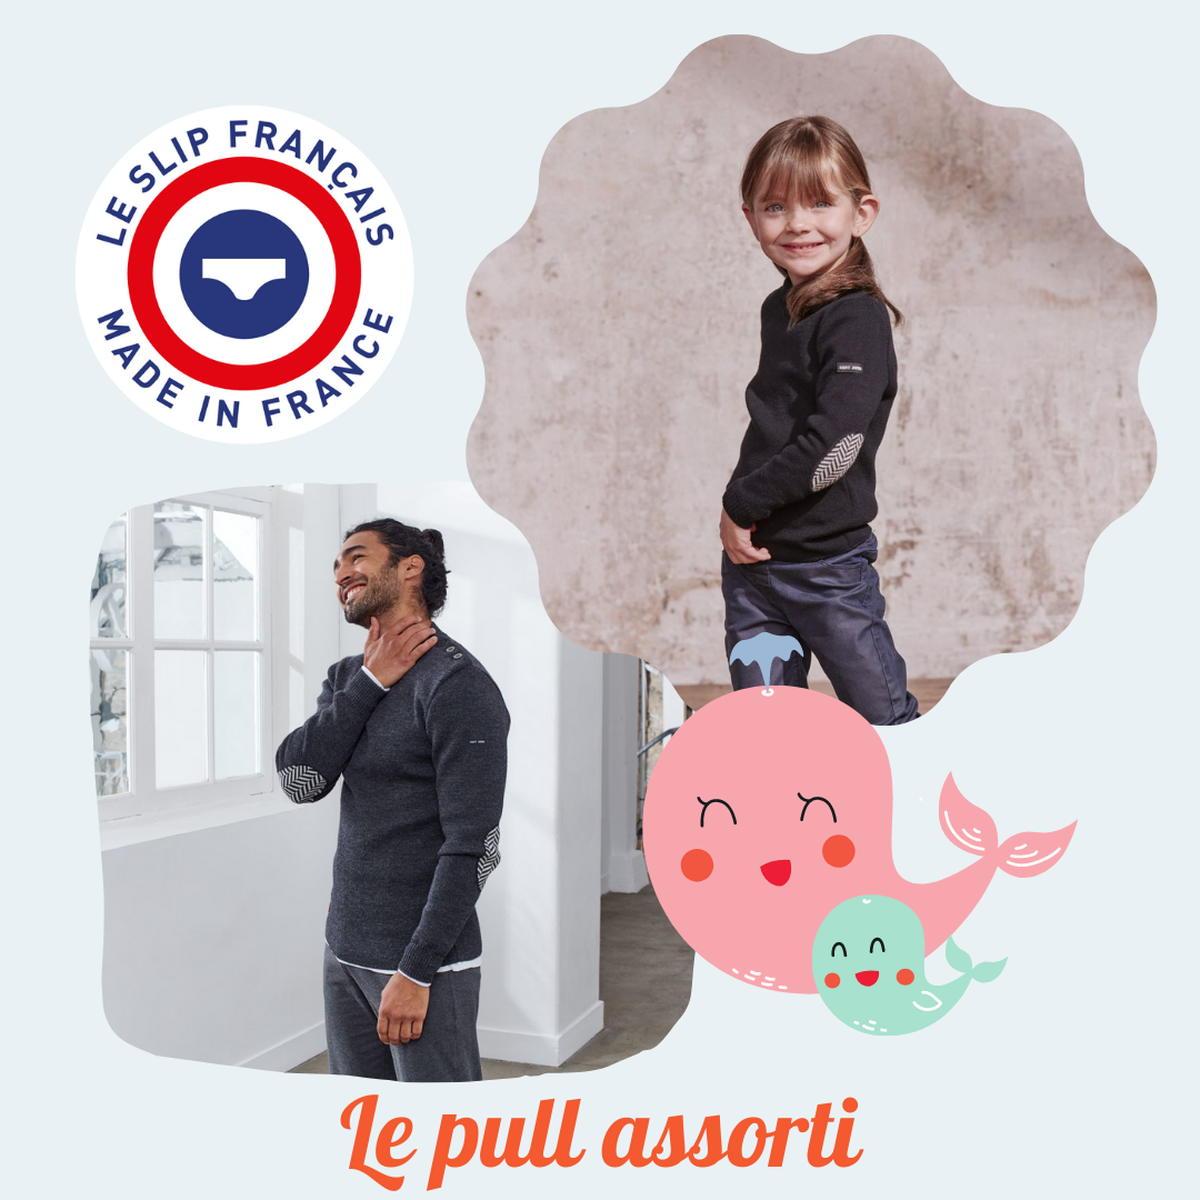 SloWeAre - 6 idées pour habiller les enfants - éco-responsble - pull mérinos - garçon - Made in France.